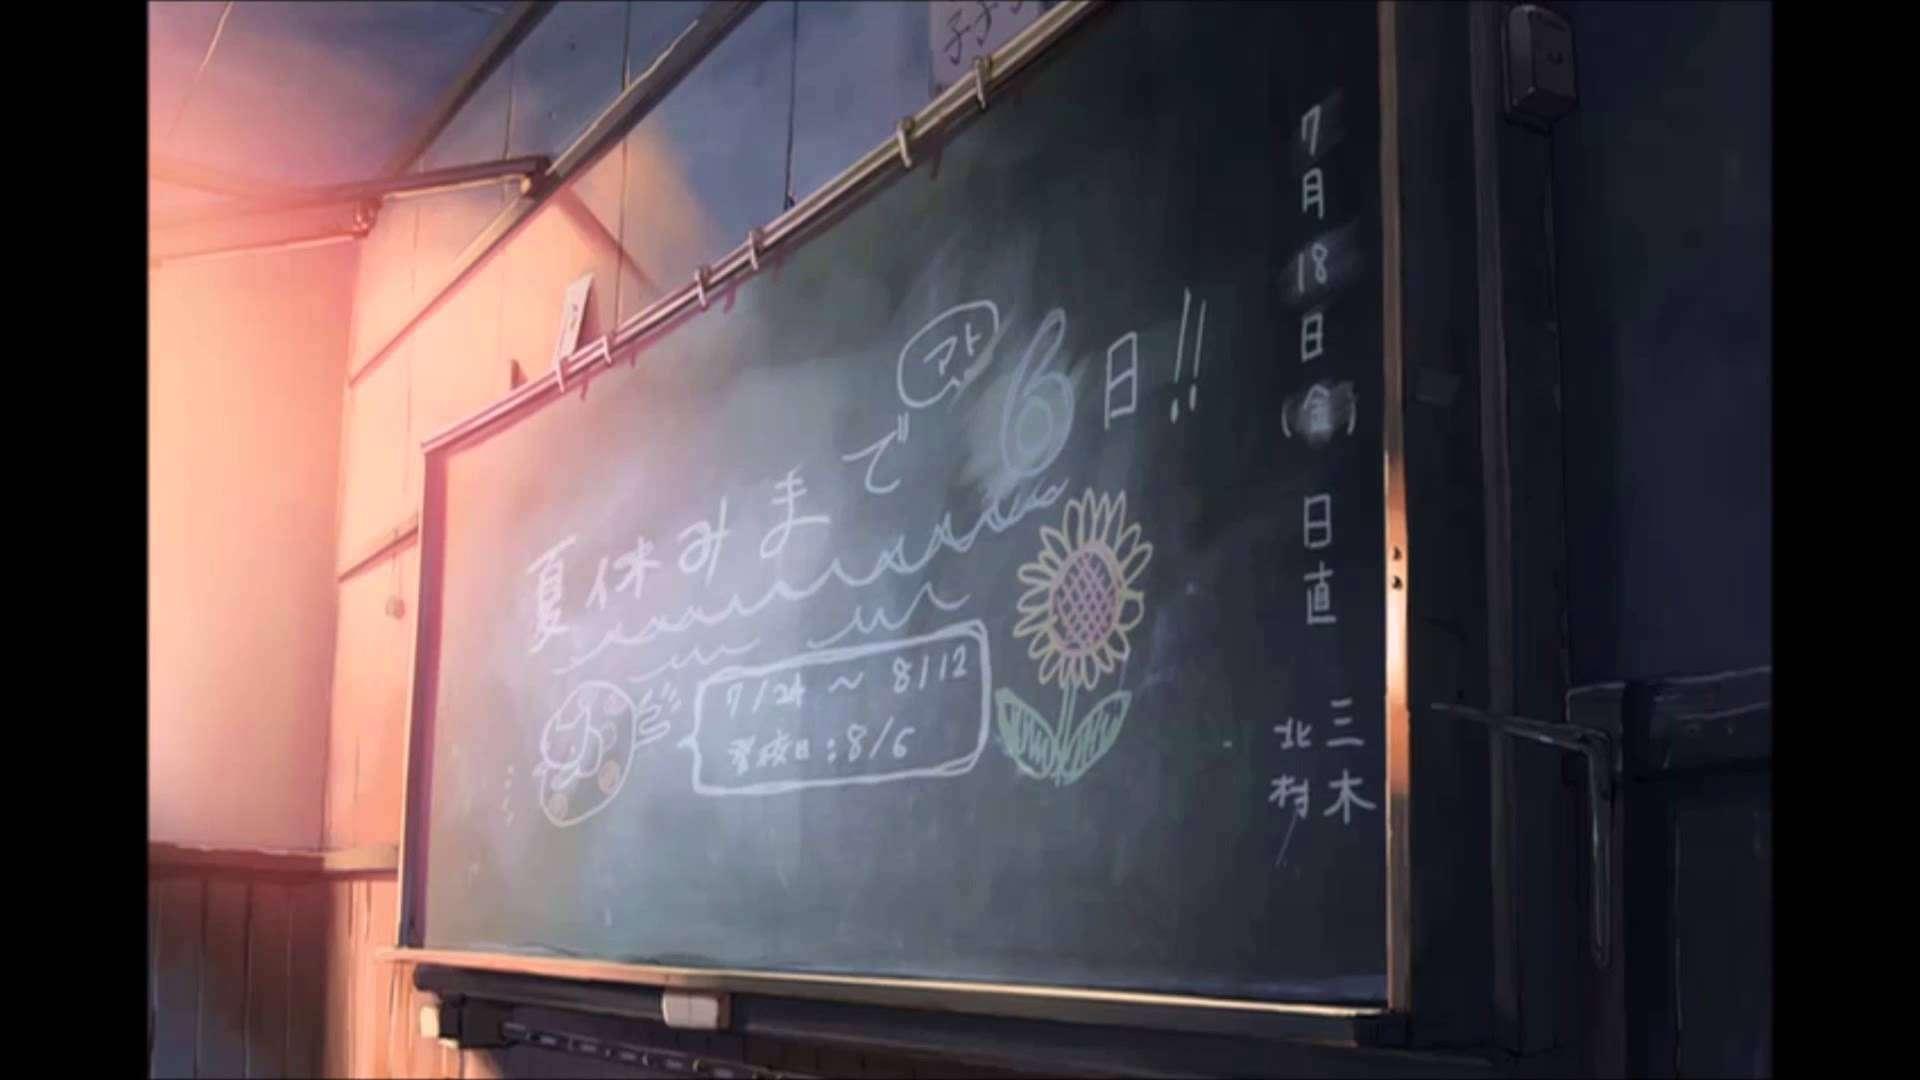 【MAD】 雲のむこう、秒速の葉の庭 【雨】 - YouTube